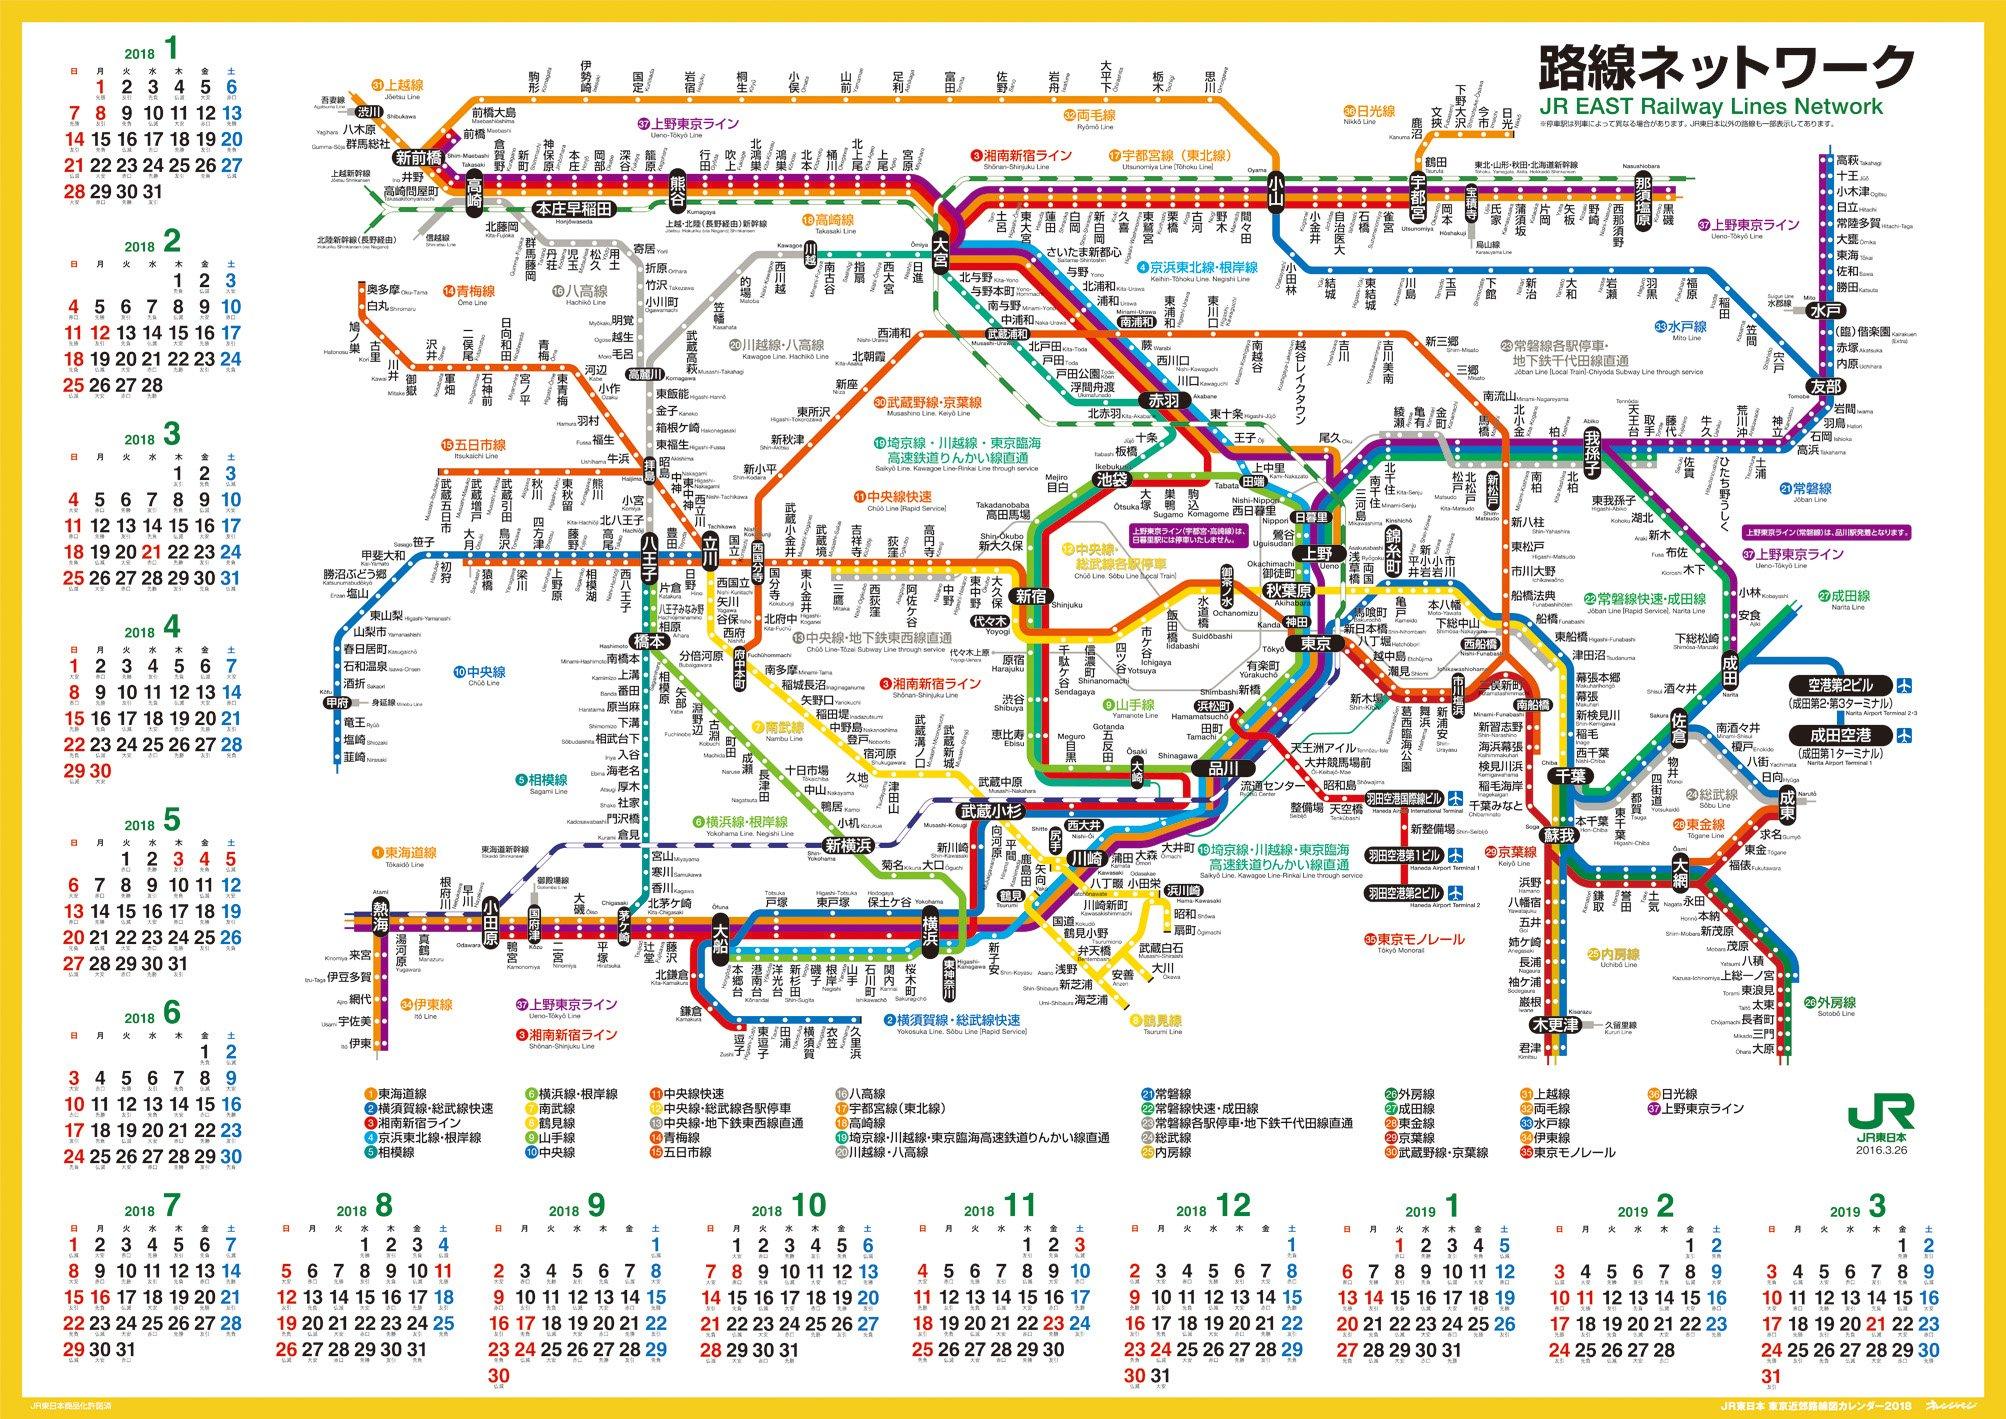 図 路線 東北 京浜 線